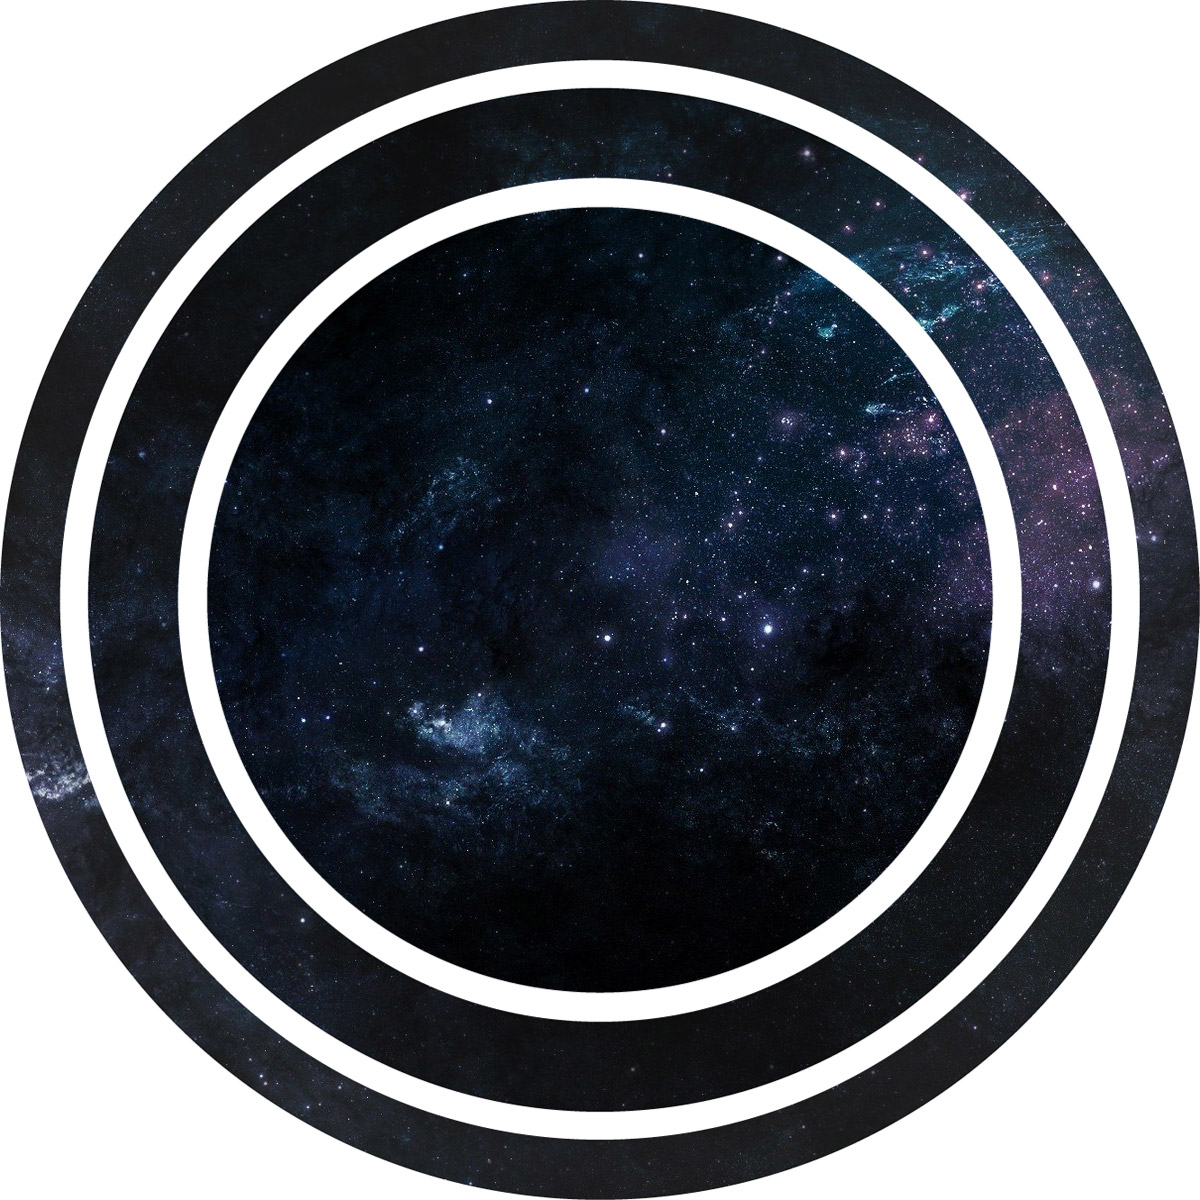 """Логотип """"Этим летом!"""", космический вариант"""